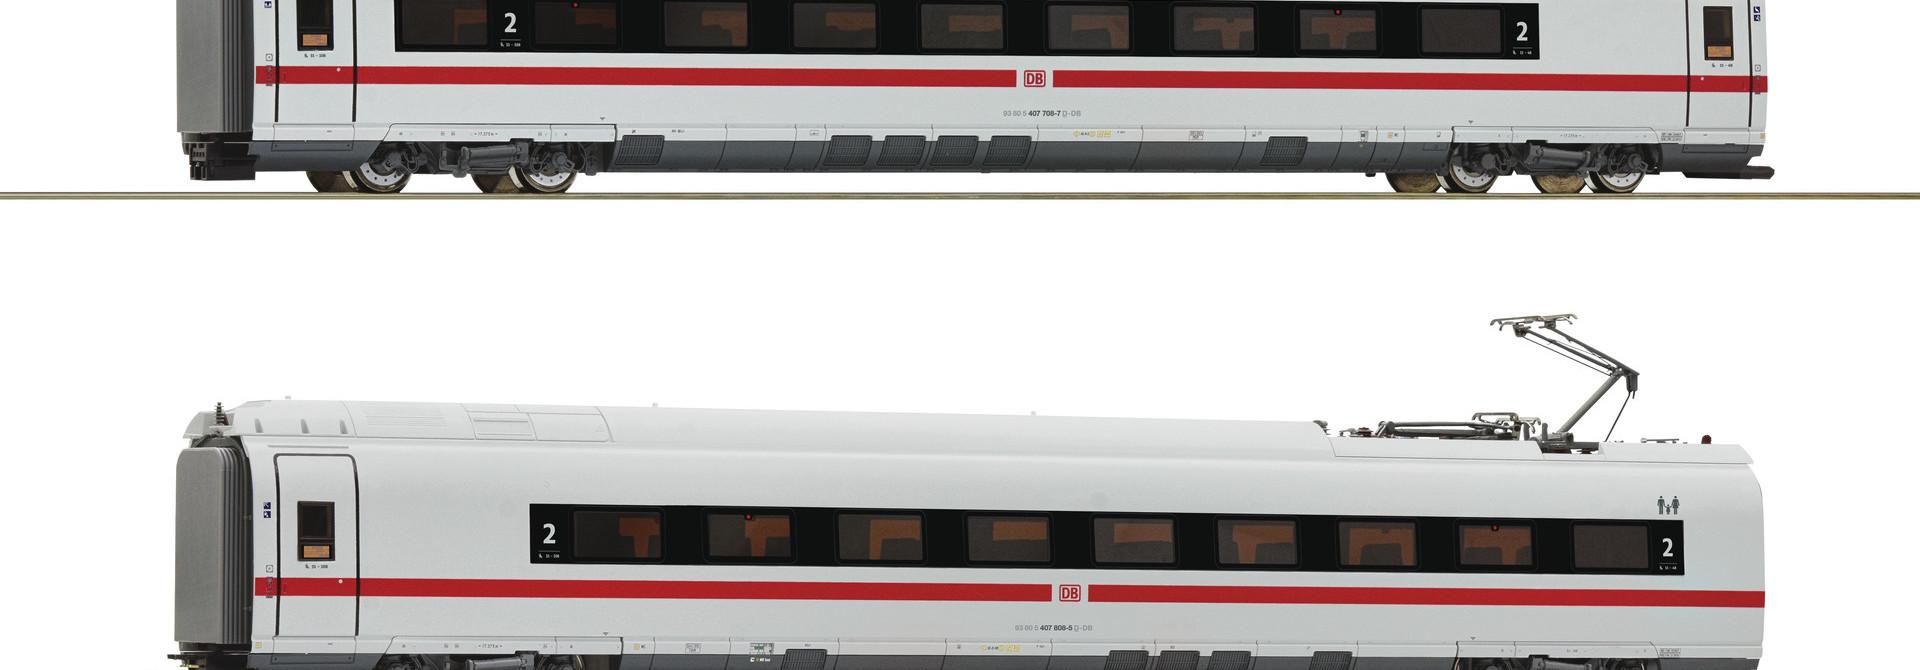 72098 2er Set BR 407 #2